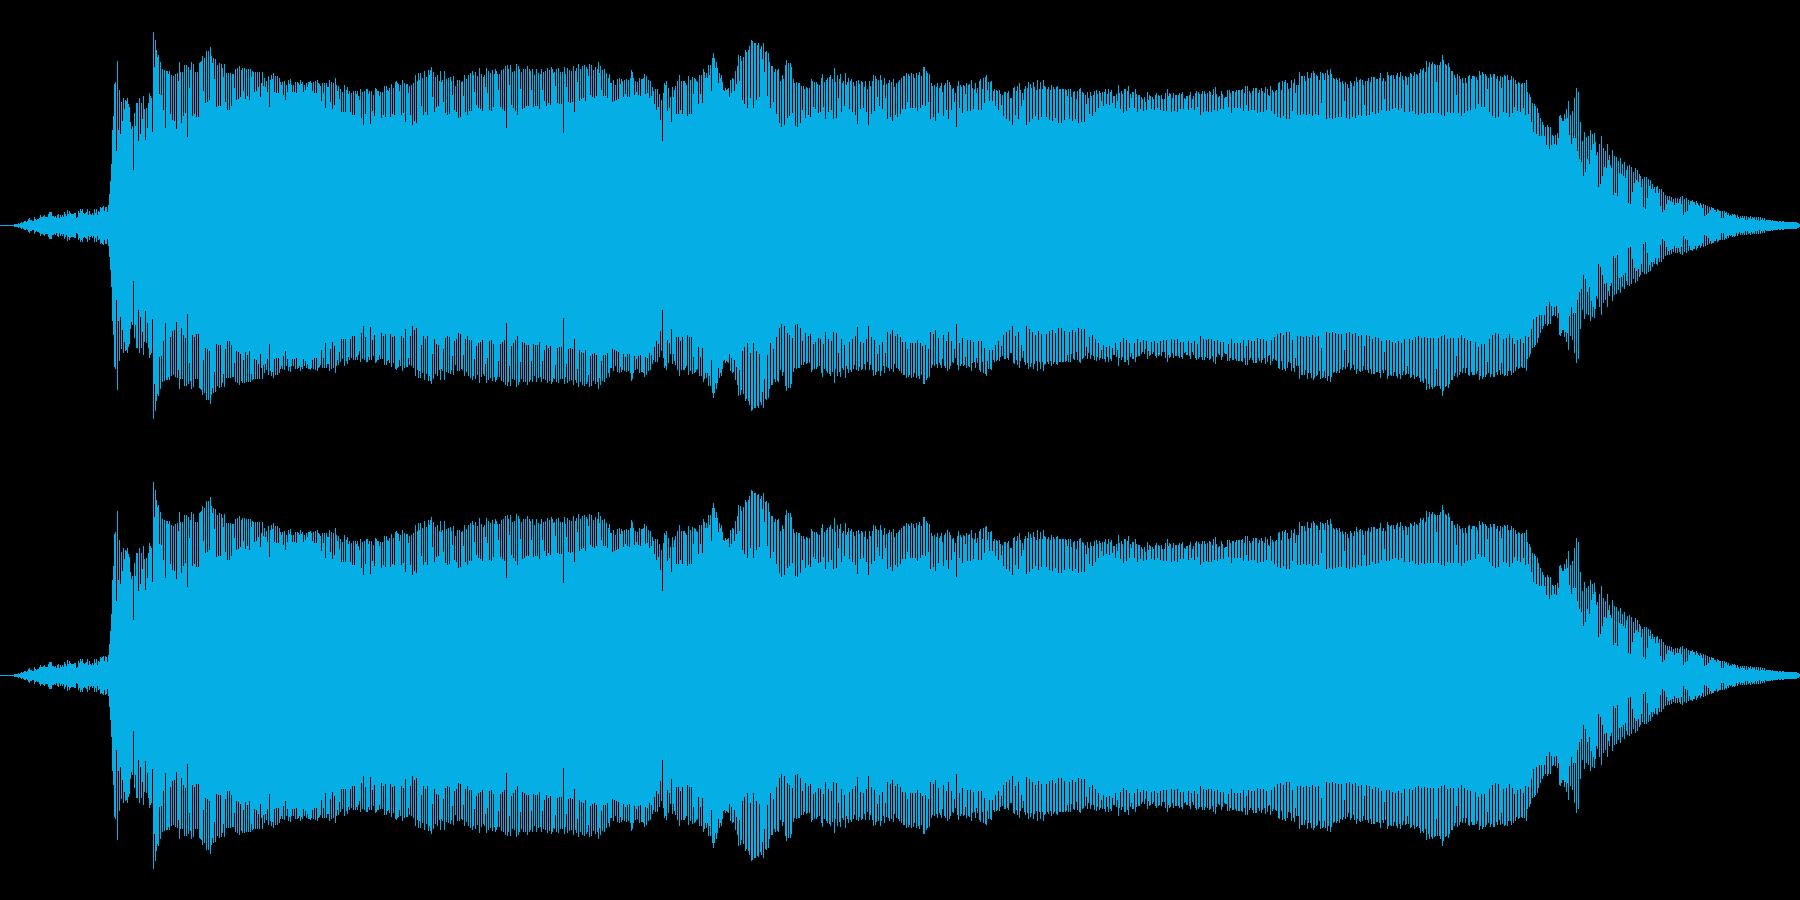 こぶし04(F#)の再生済みの波形